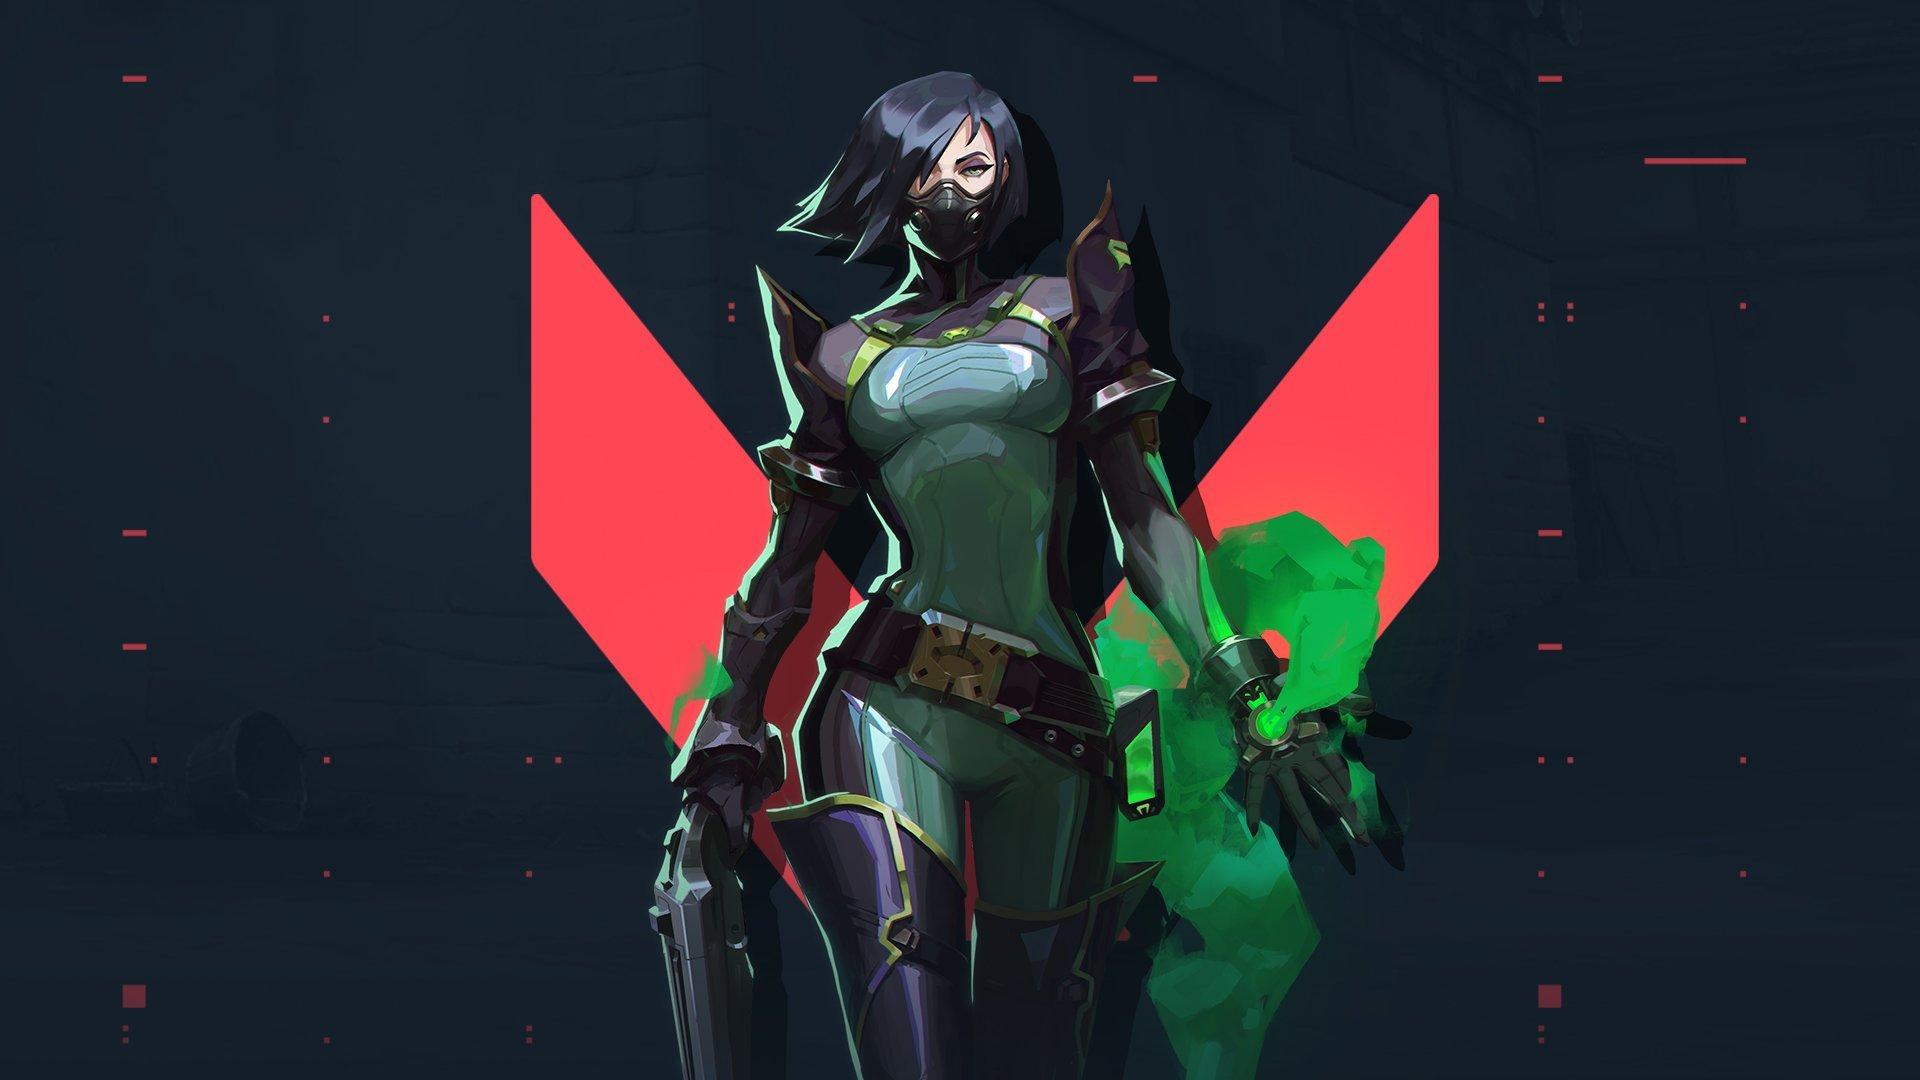 Valorant deathmatch mode release date